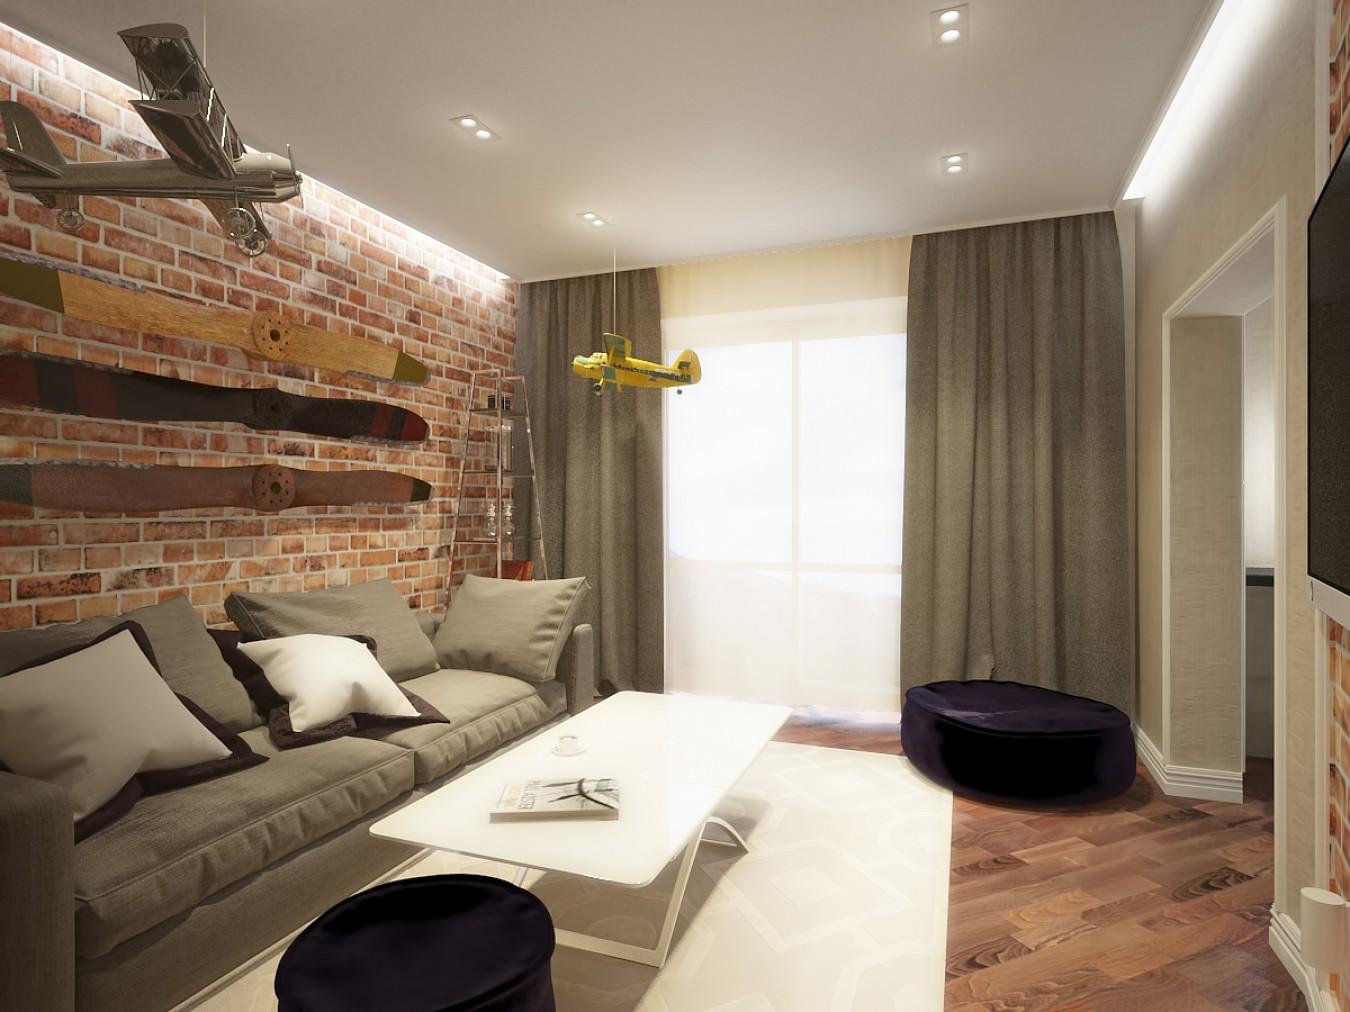 гостиная спальня площадью 20 кв м дизайн идеи